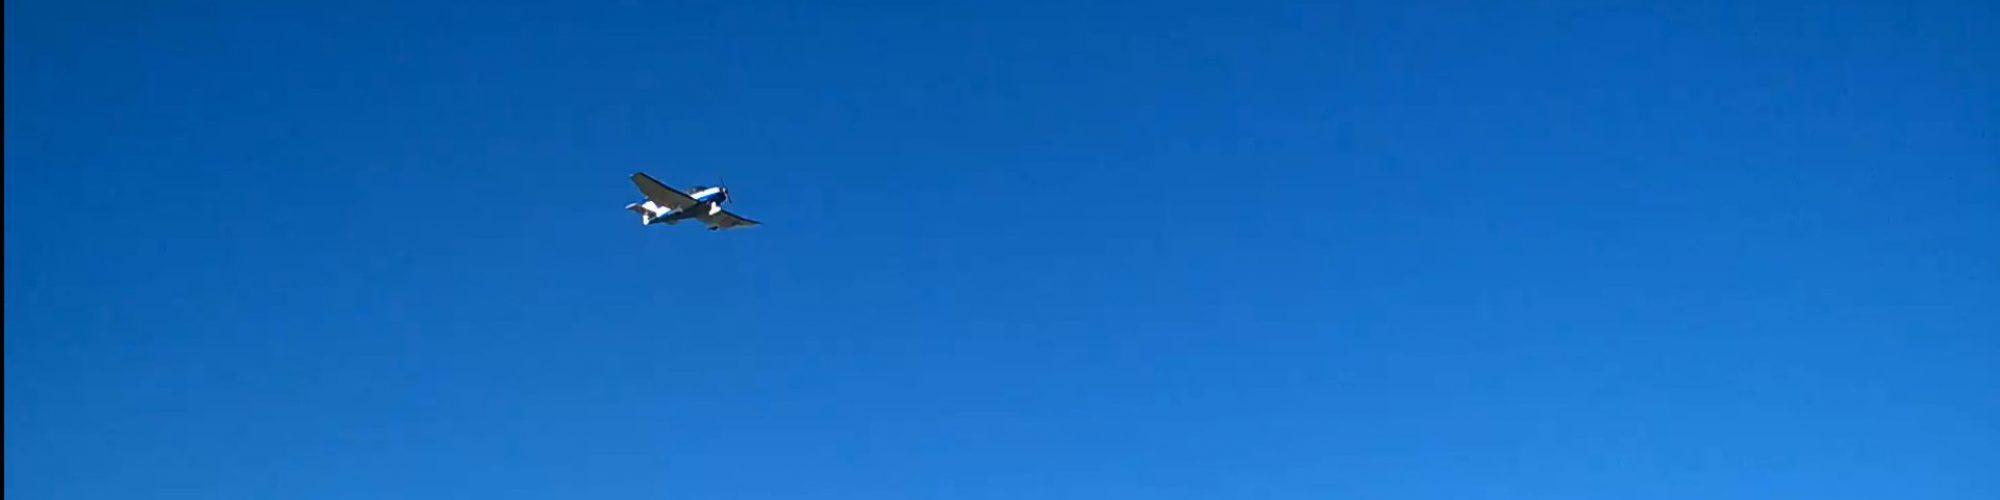 überflug jodel